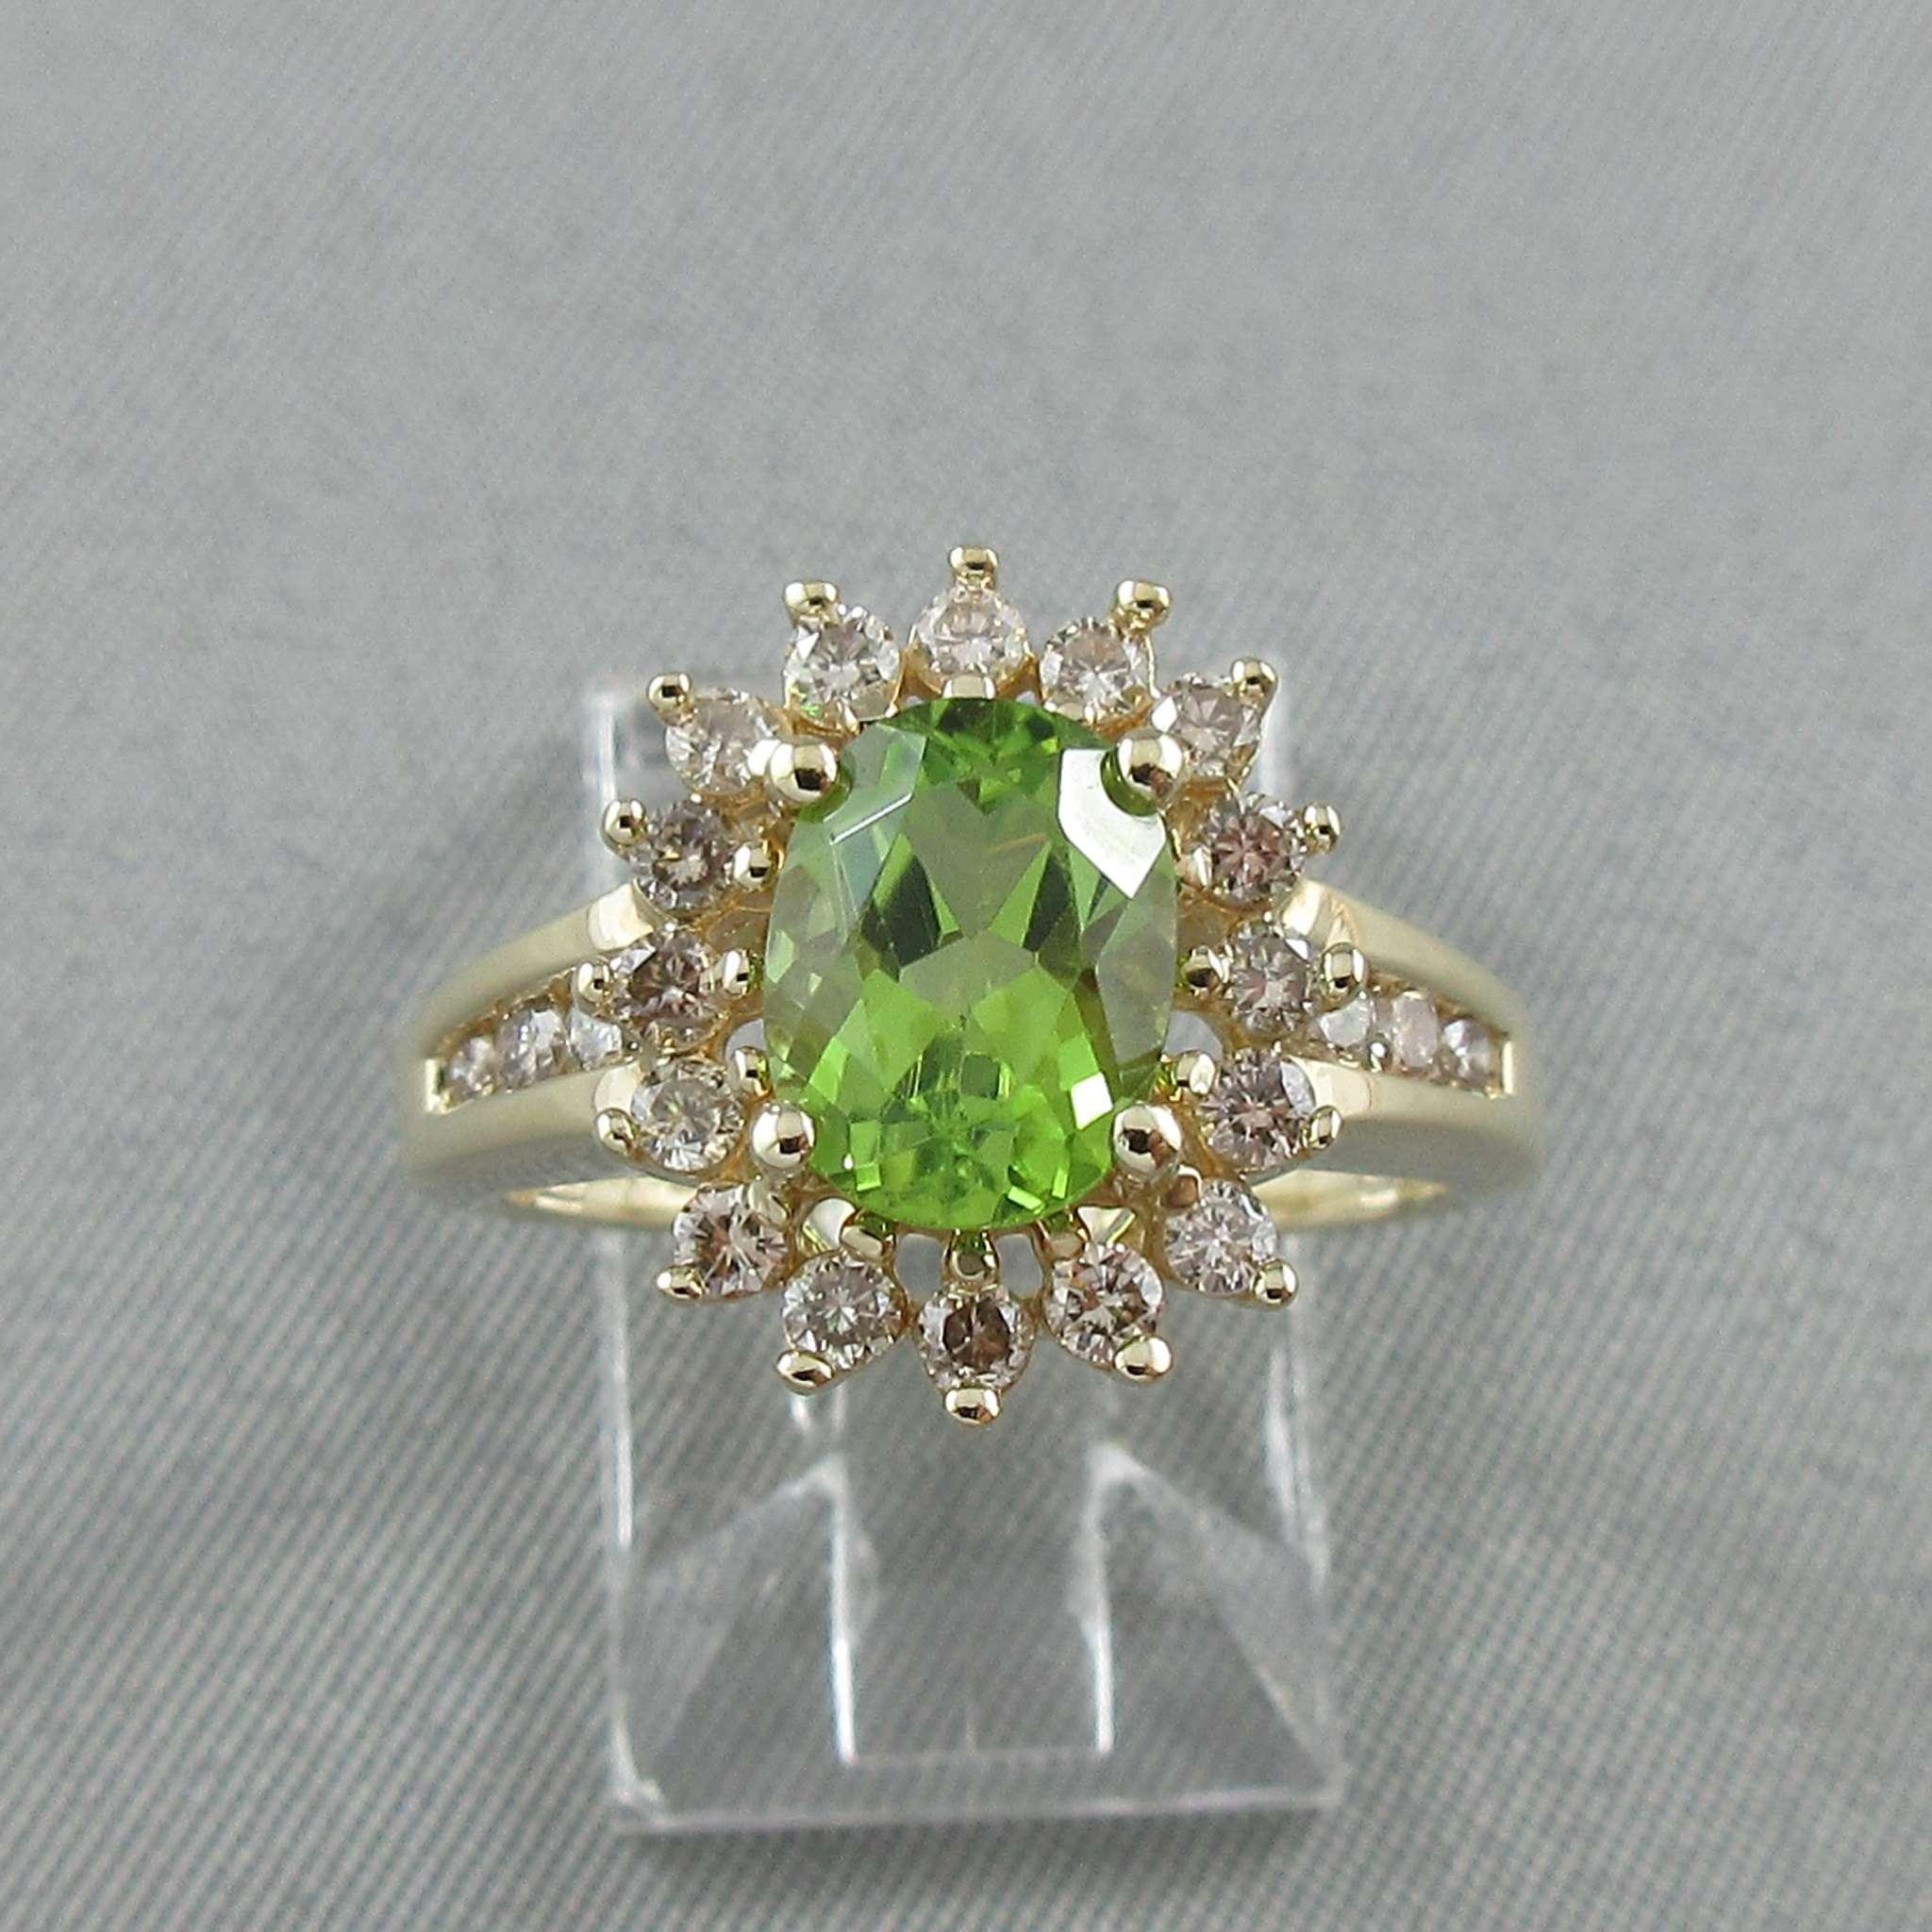 Peridot and diamonds, 14K yellow gold ring